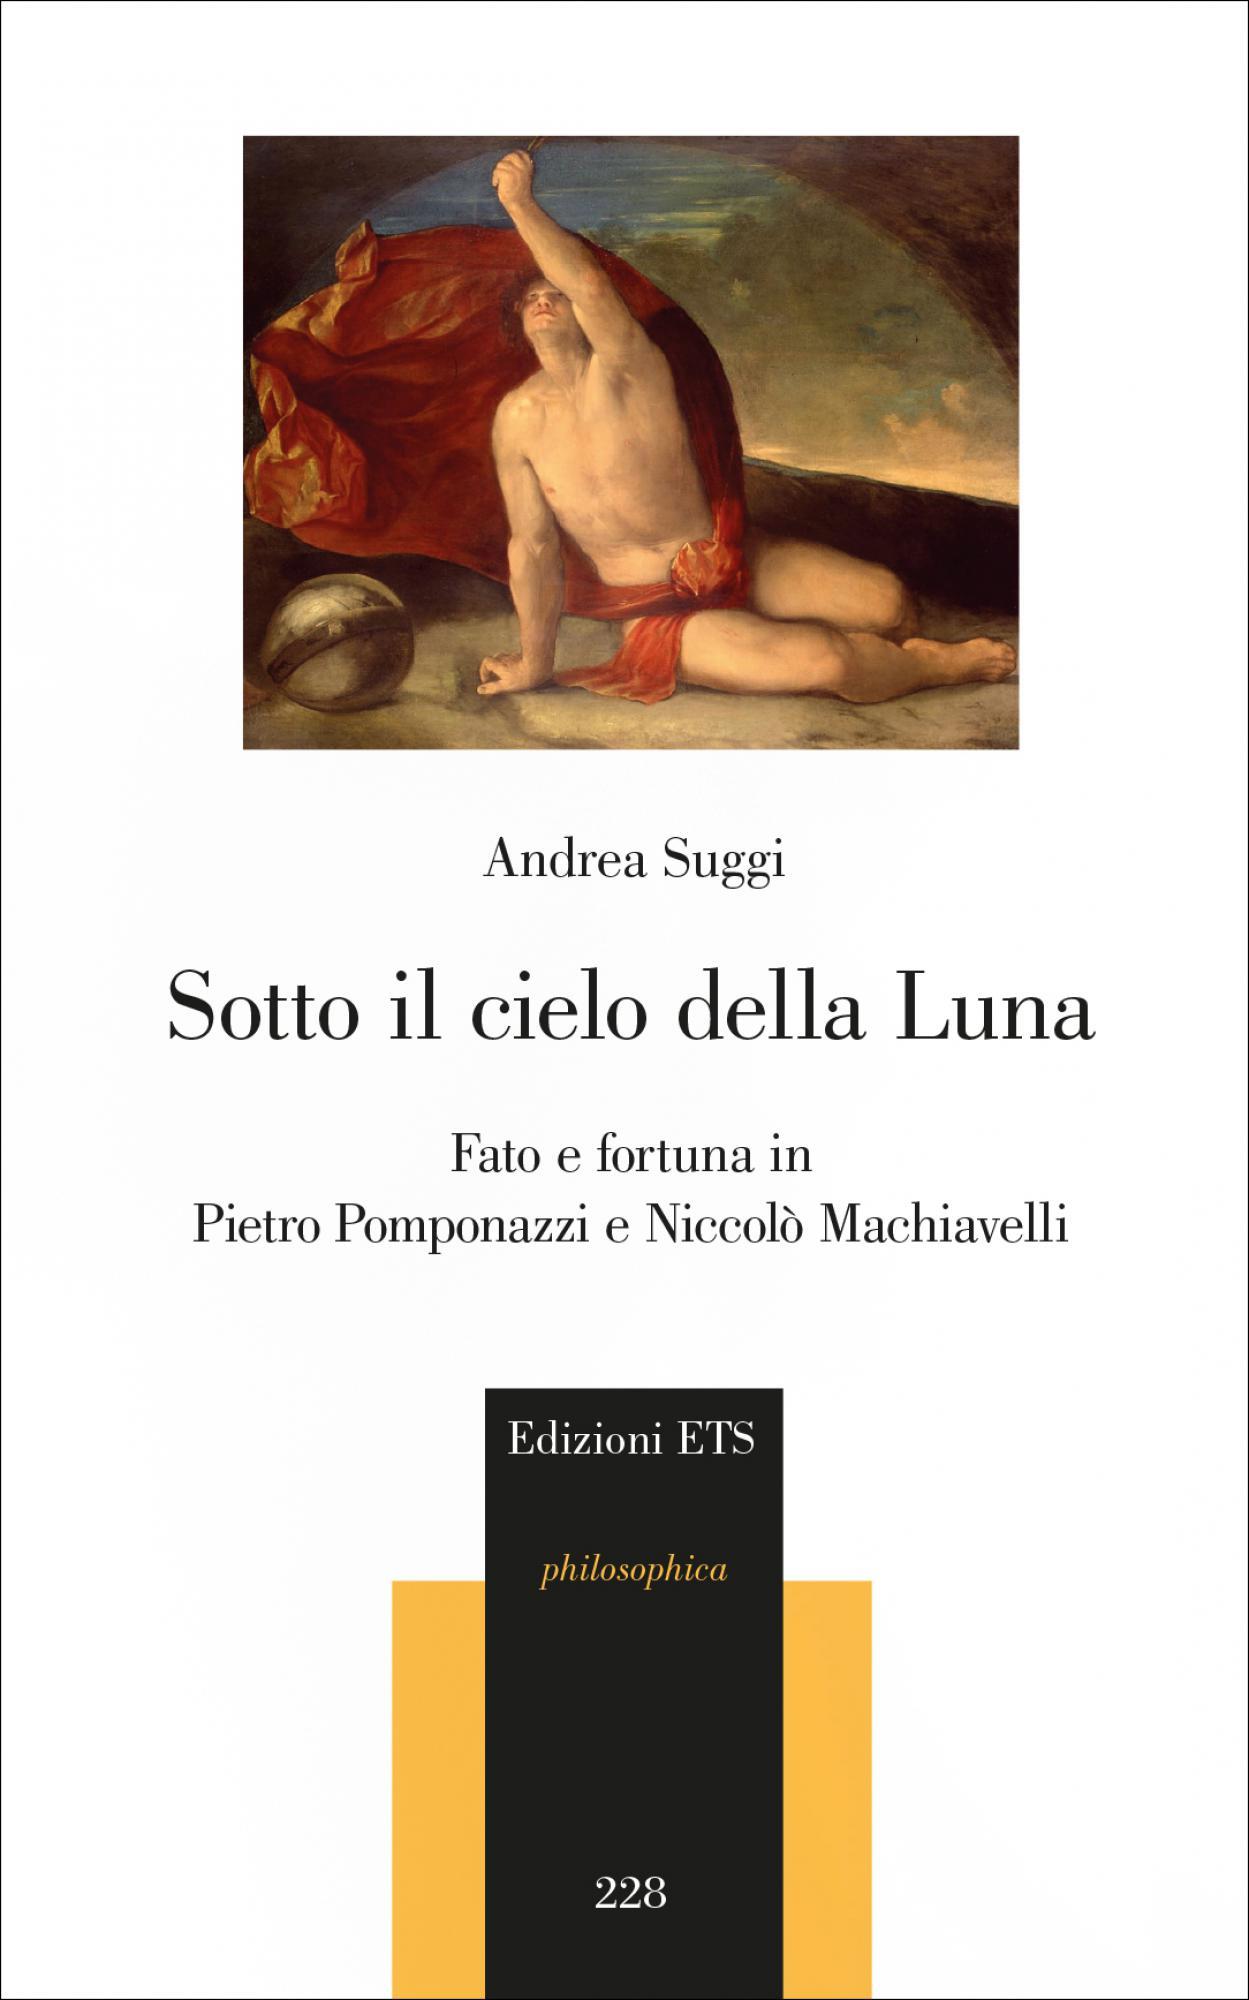 Sotto il cielo della Luna.Fato e fortuna in Pietro Pomponazzi e Niccolò Machiavelli